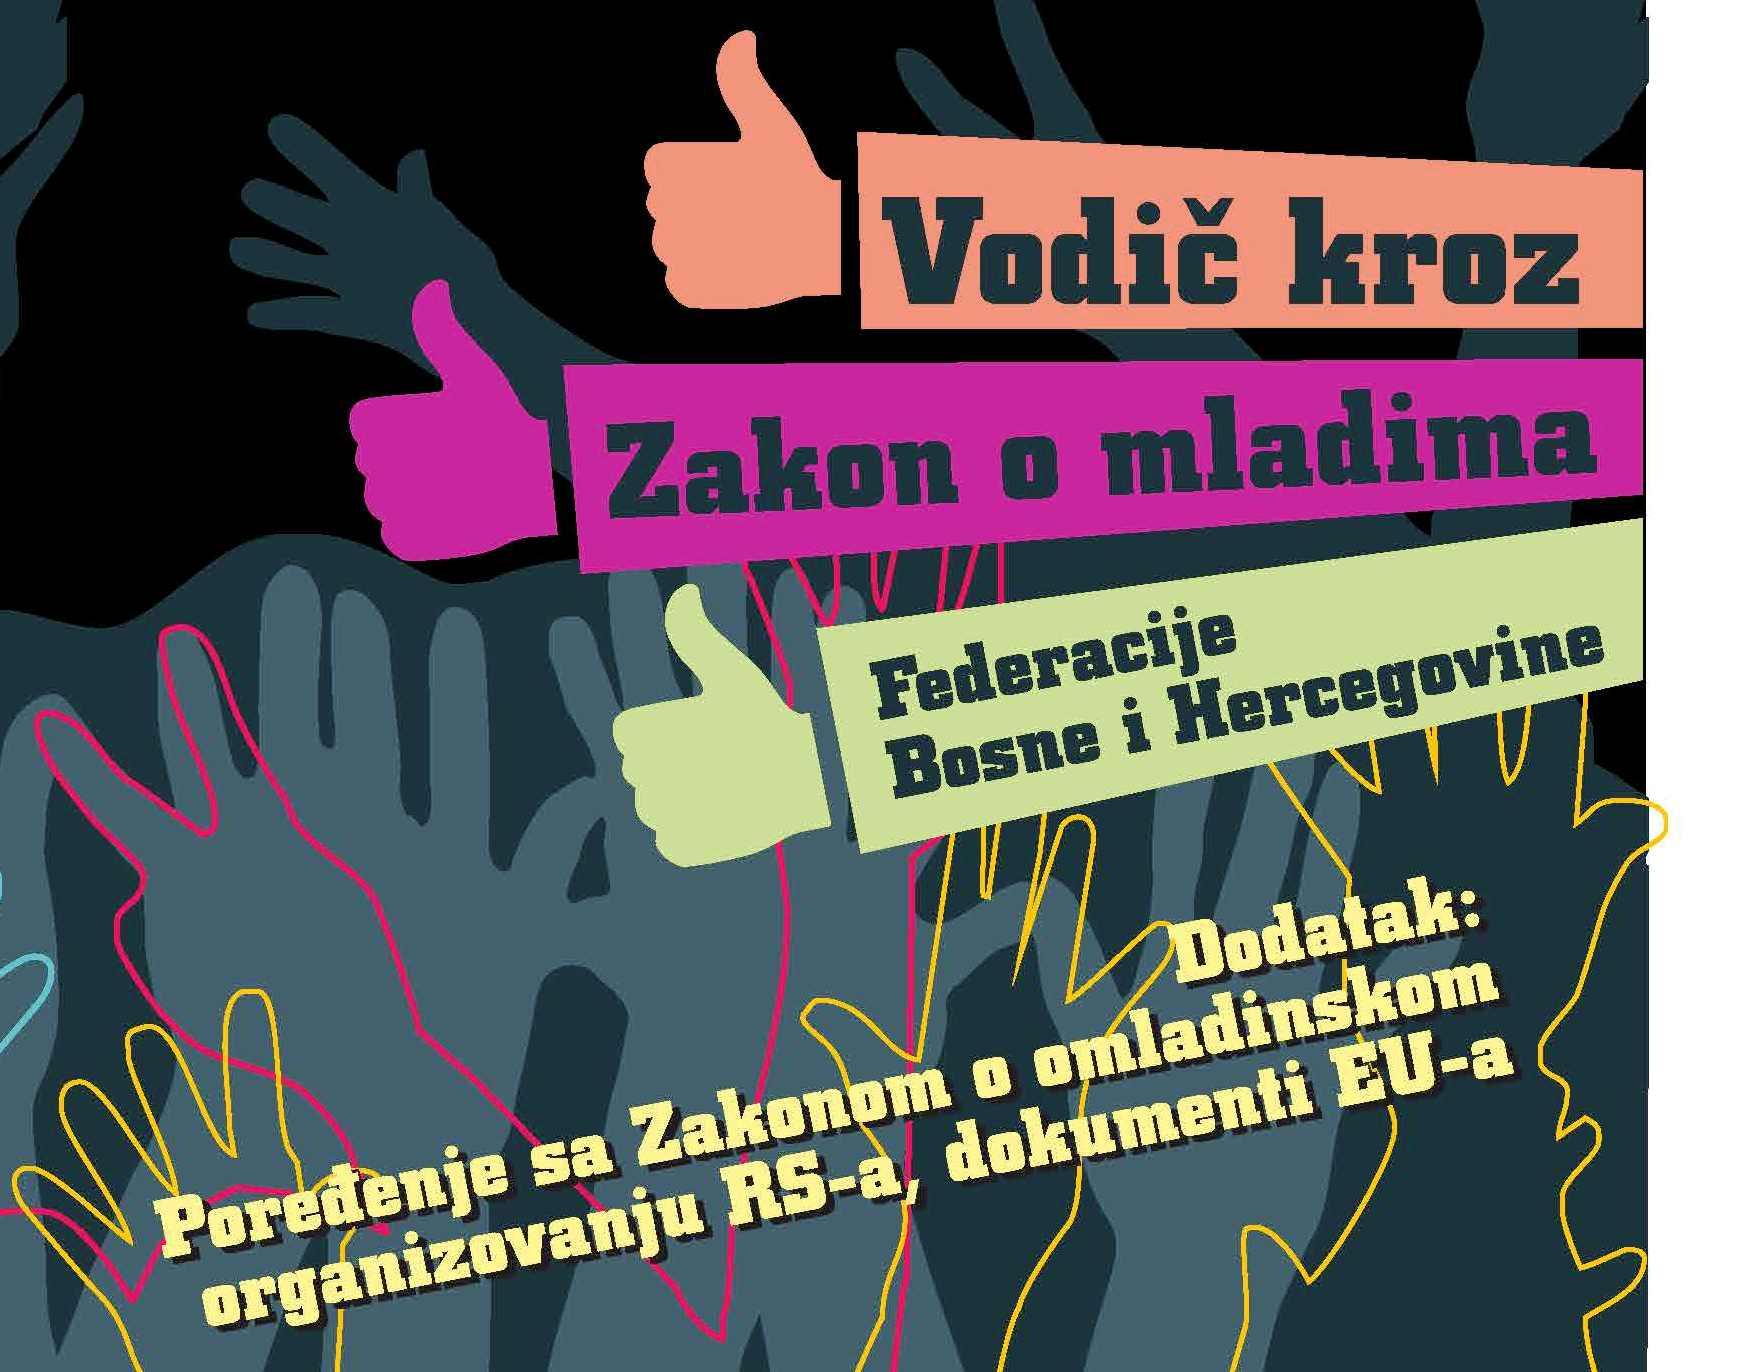 Vodič kroz Zakon o mladima Federacije Bosne i Hercegovine, Dodatak: Poređenje sa Zakonom o omladinskom organizovanju RS-a, dokumenti EU-a